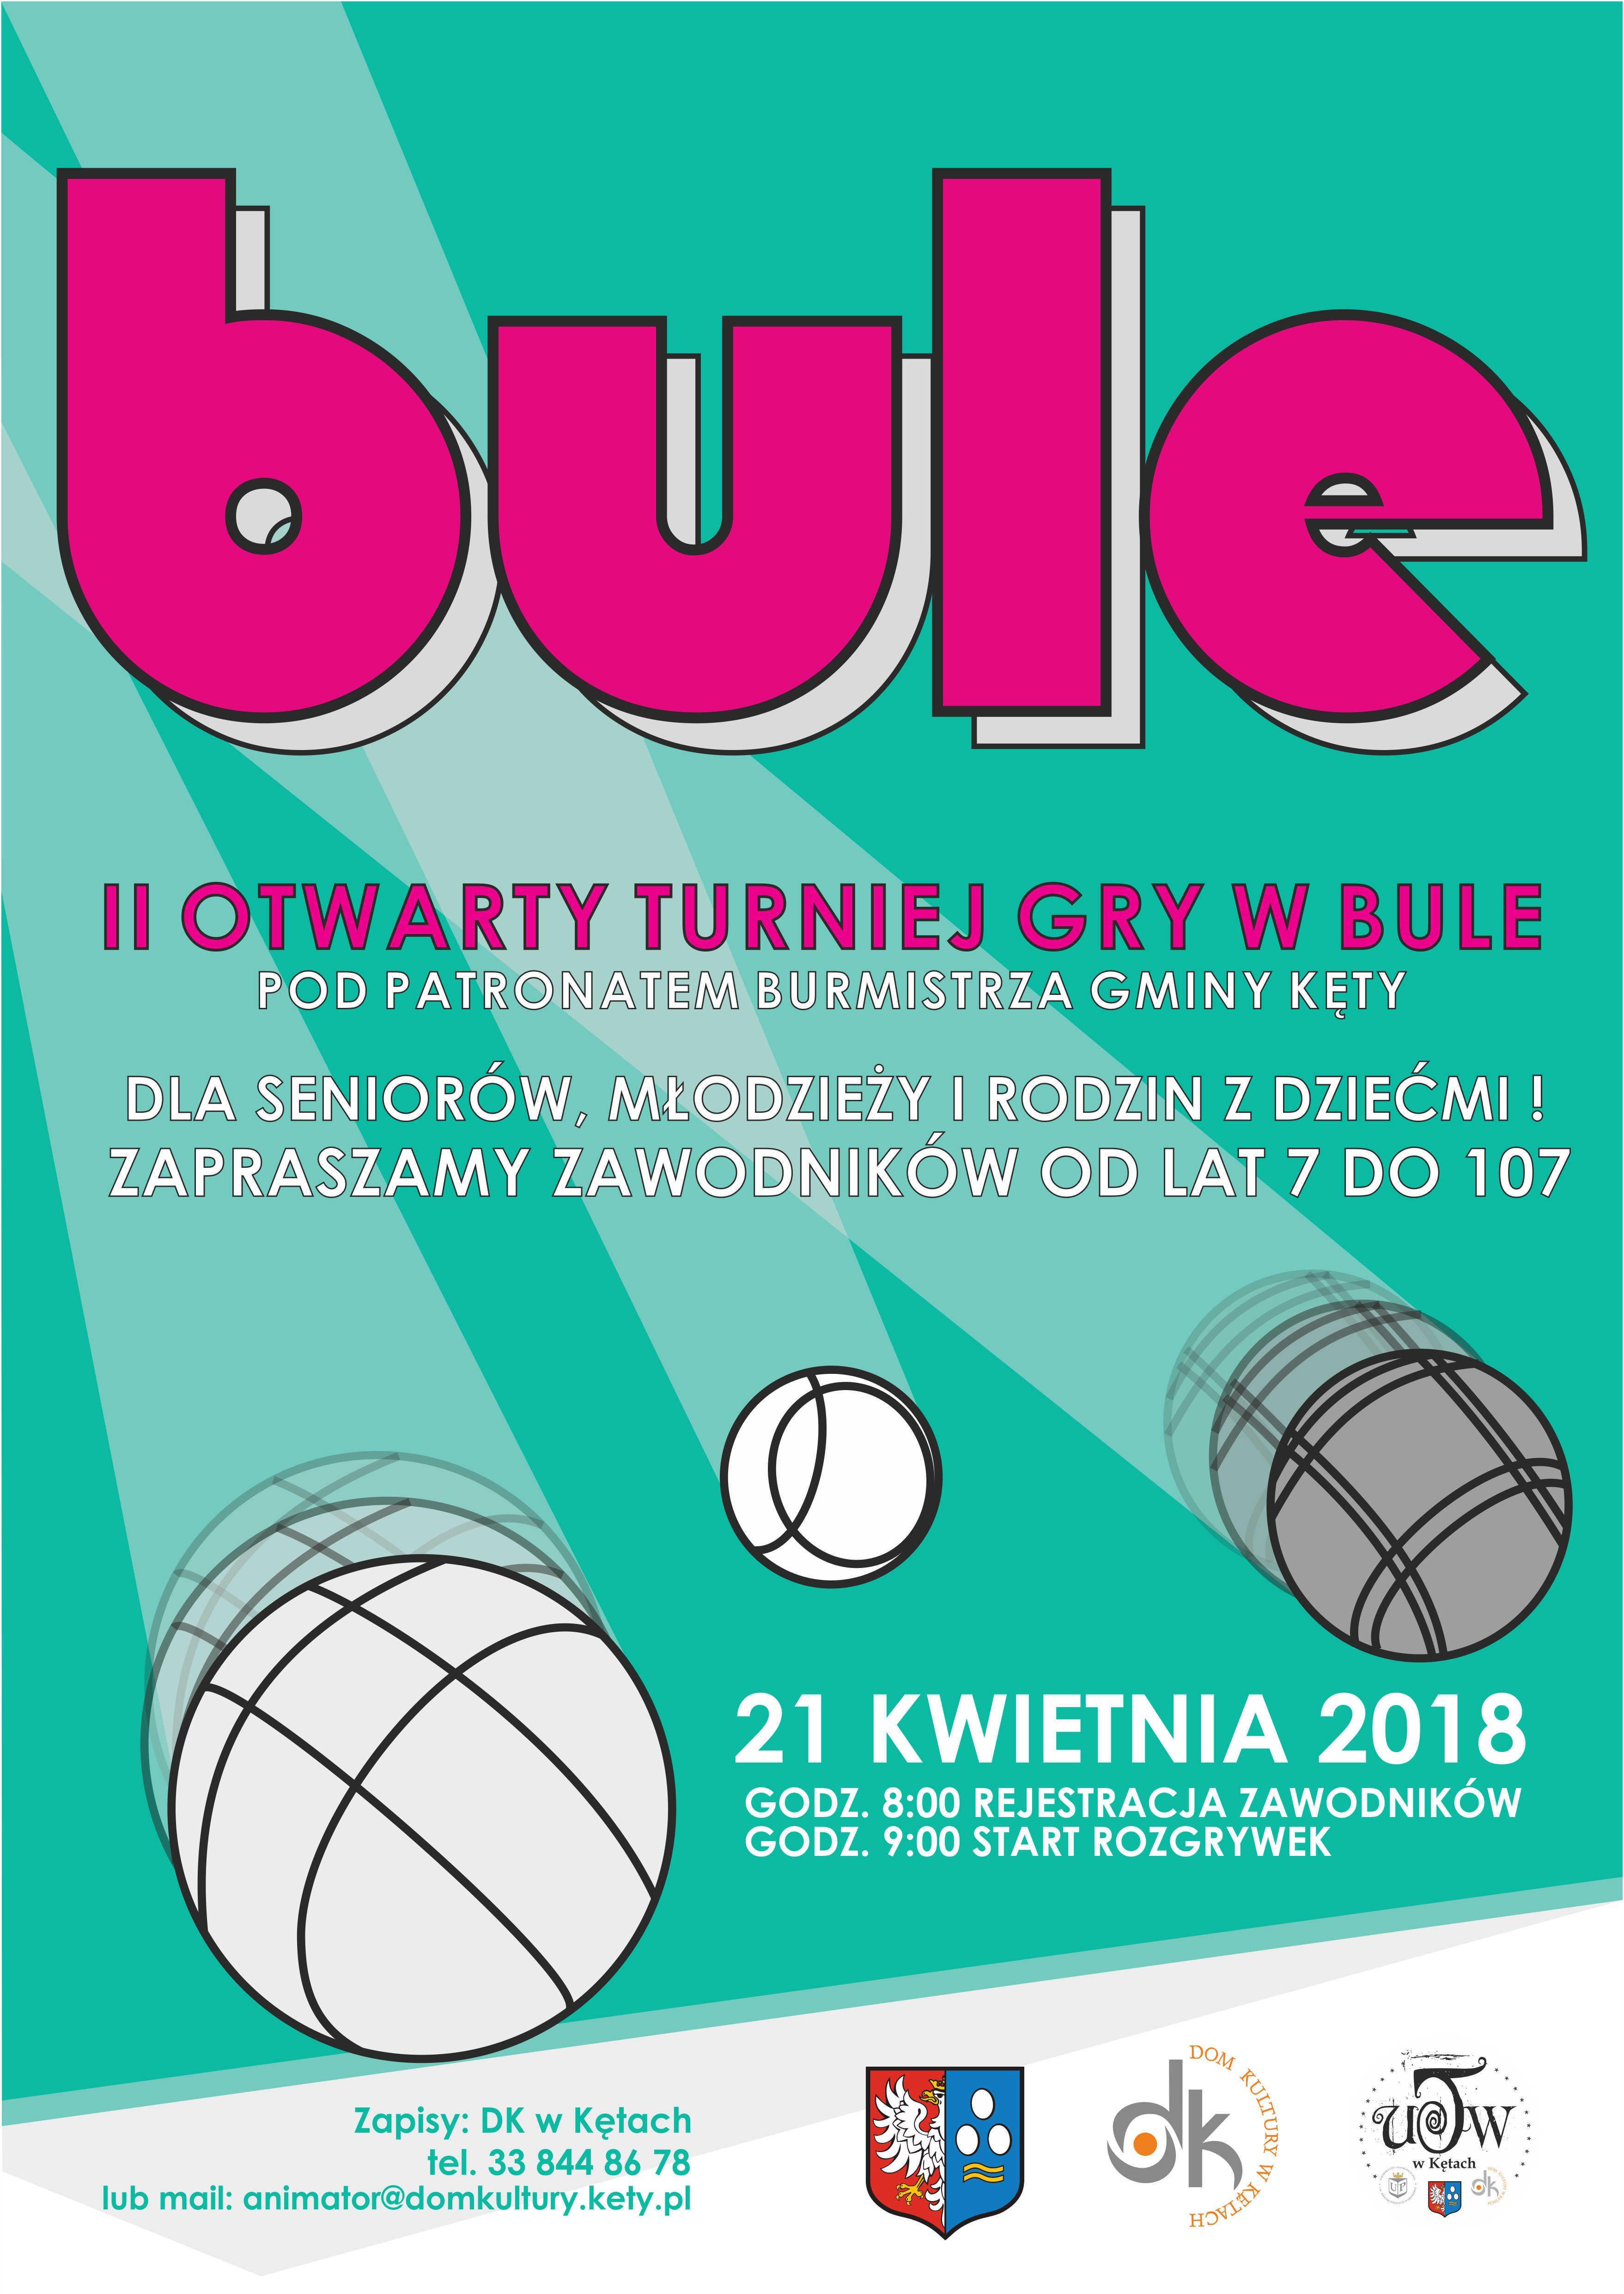 II Otwarty Turniej Gry w Bule pod Patronatem Burmistrza Gminy Kęty